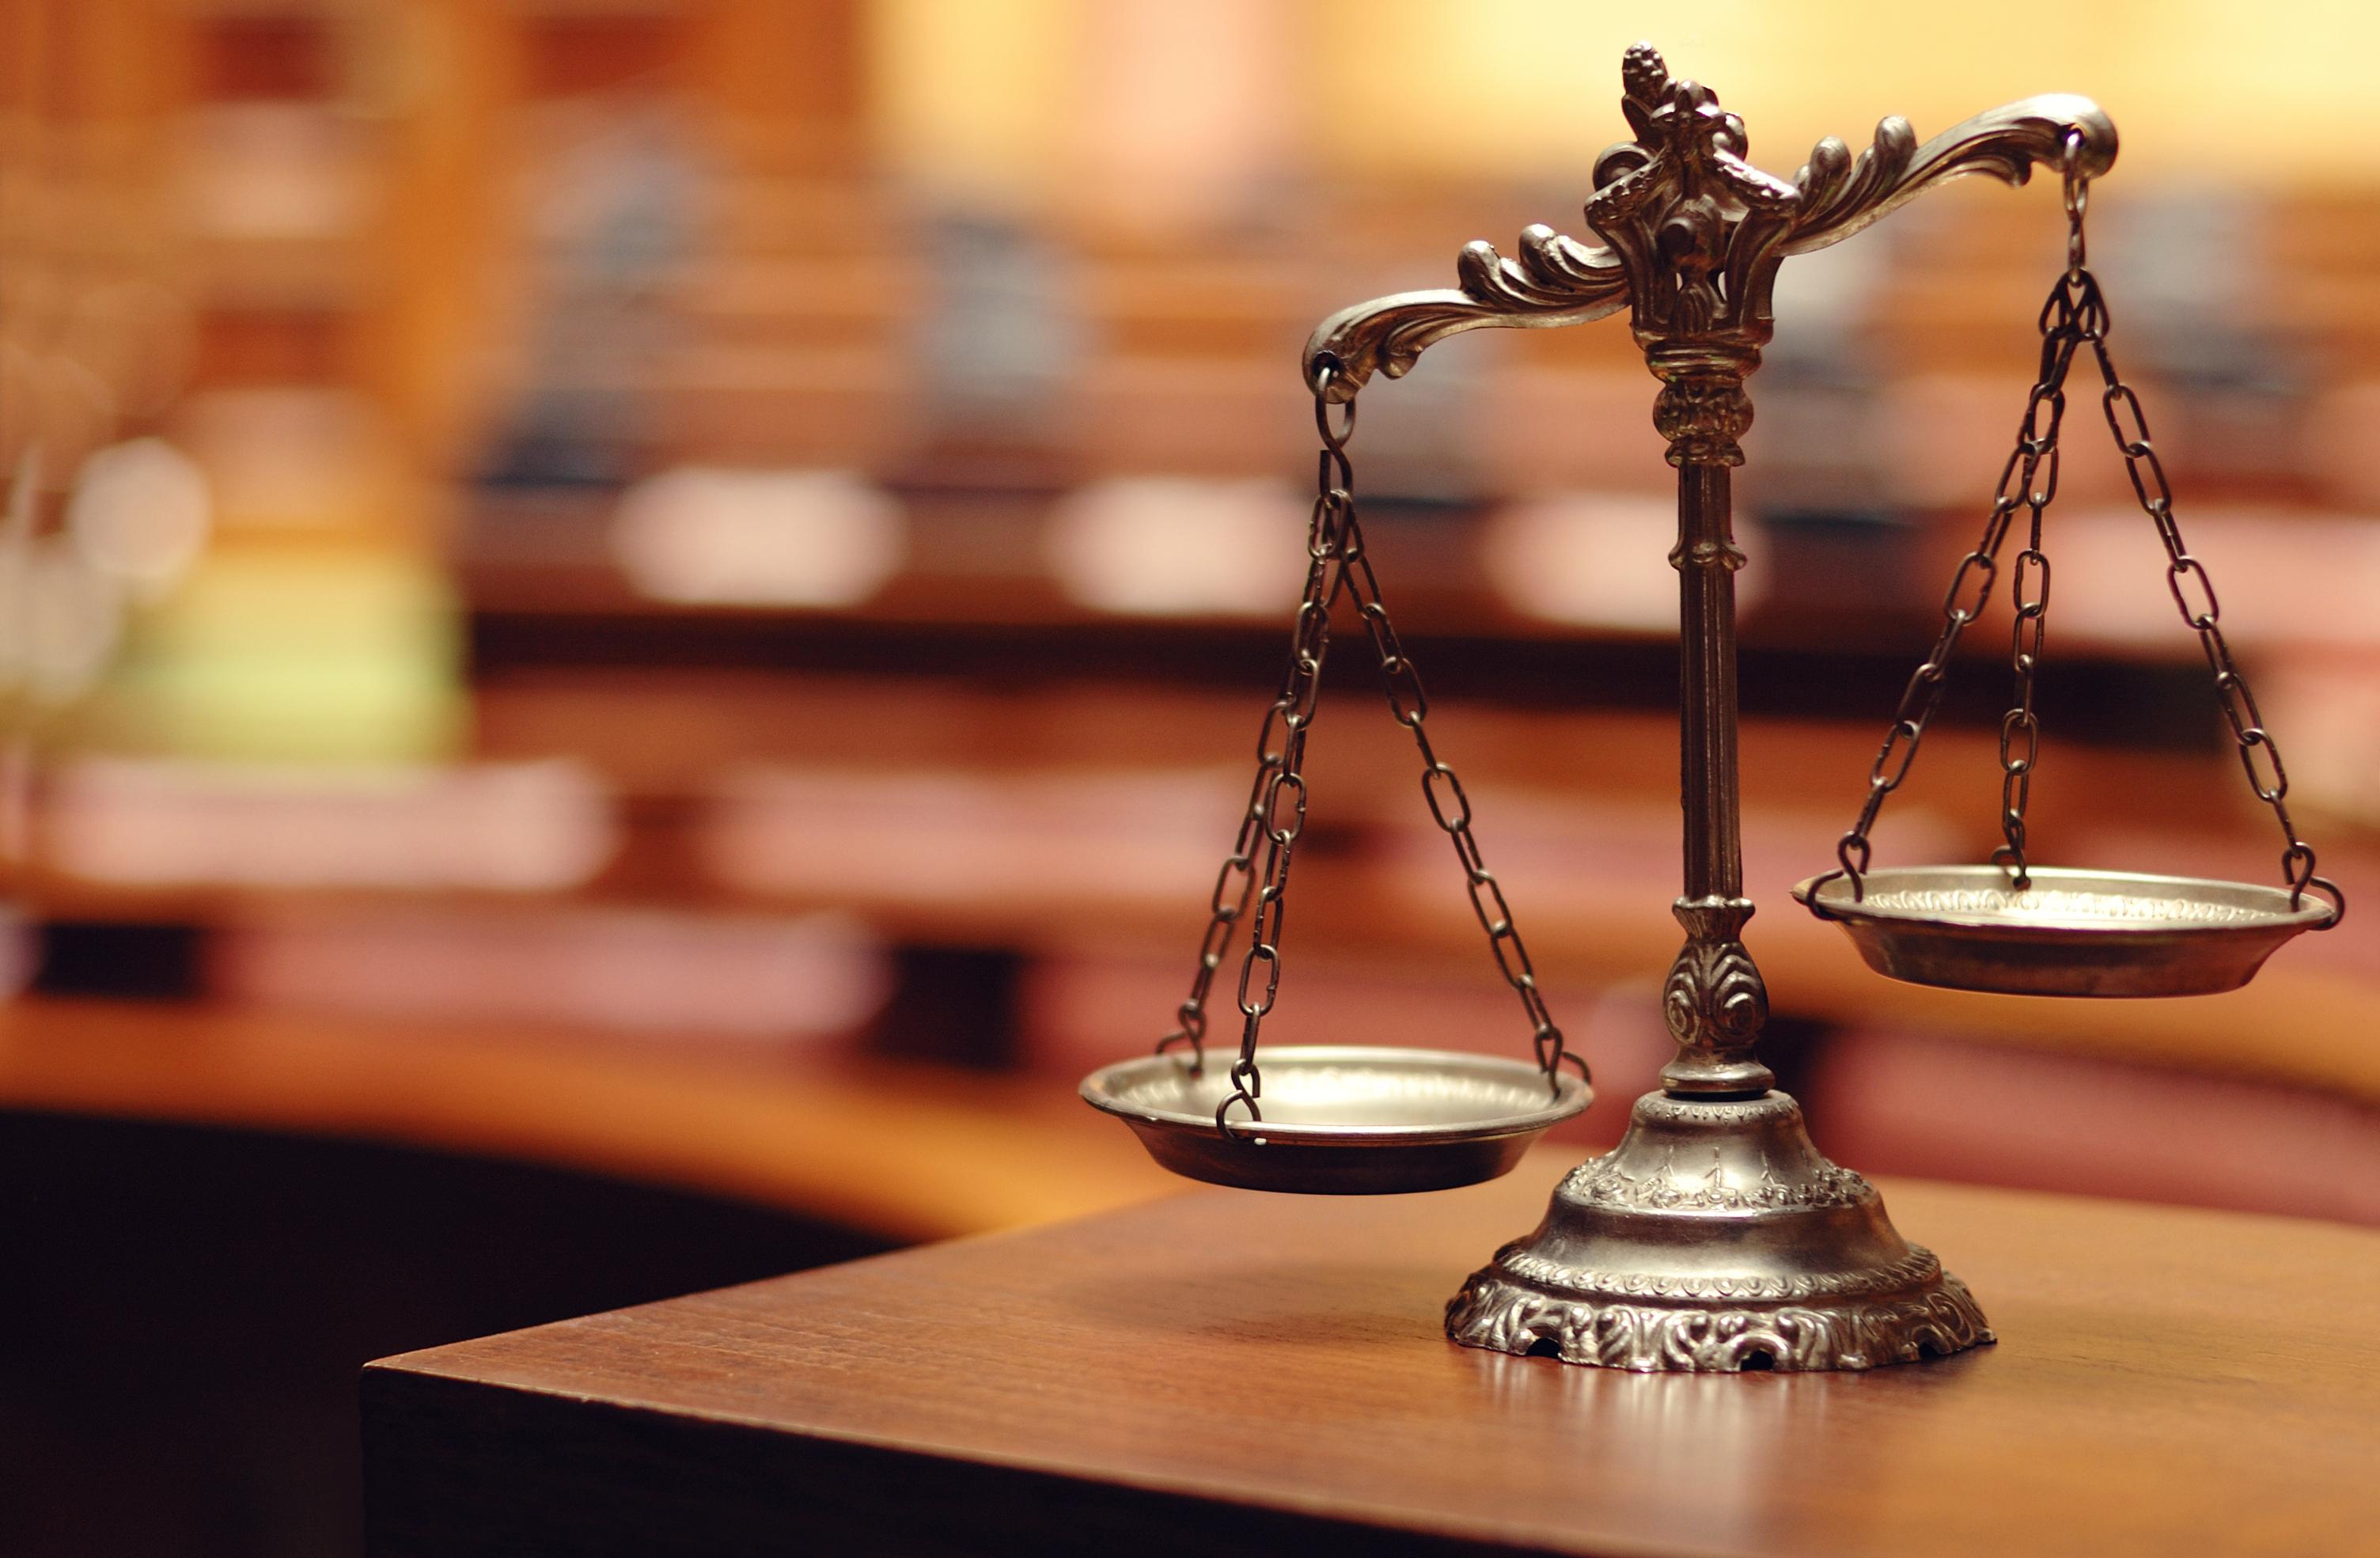 Ação Judicial de Oposição à Nacionalidade Portuguesa: Do que se trata e como proceder?